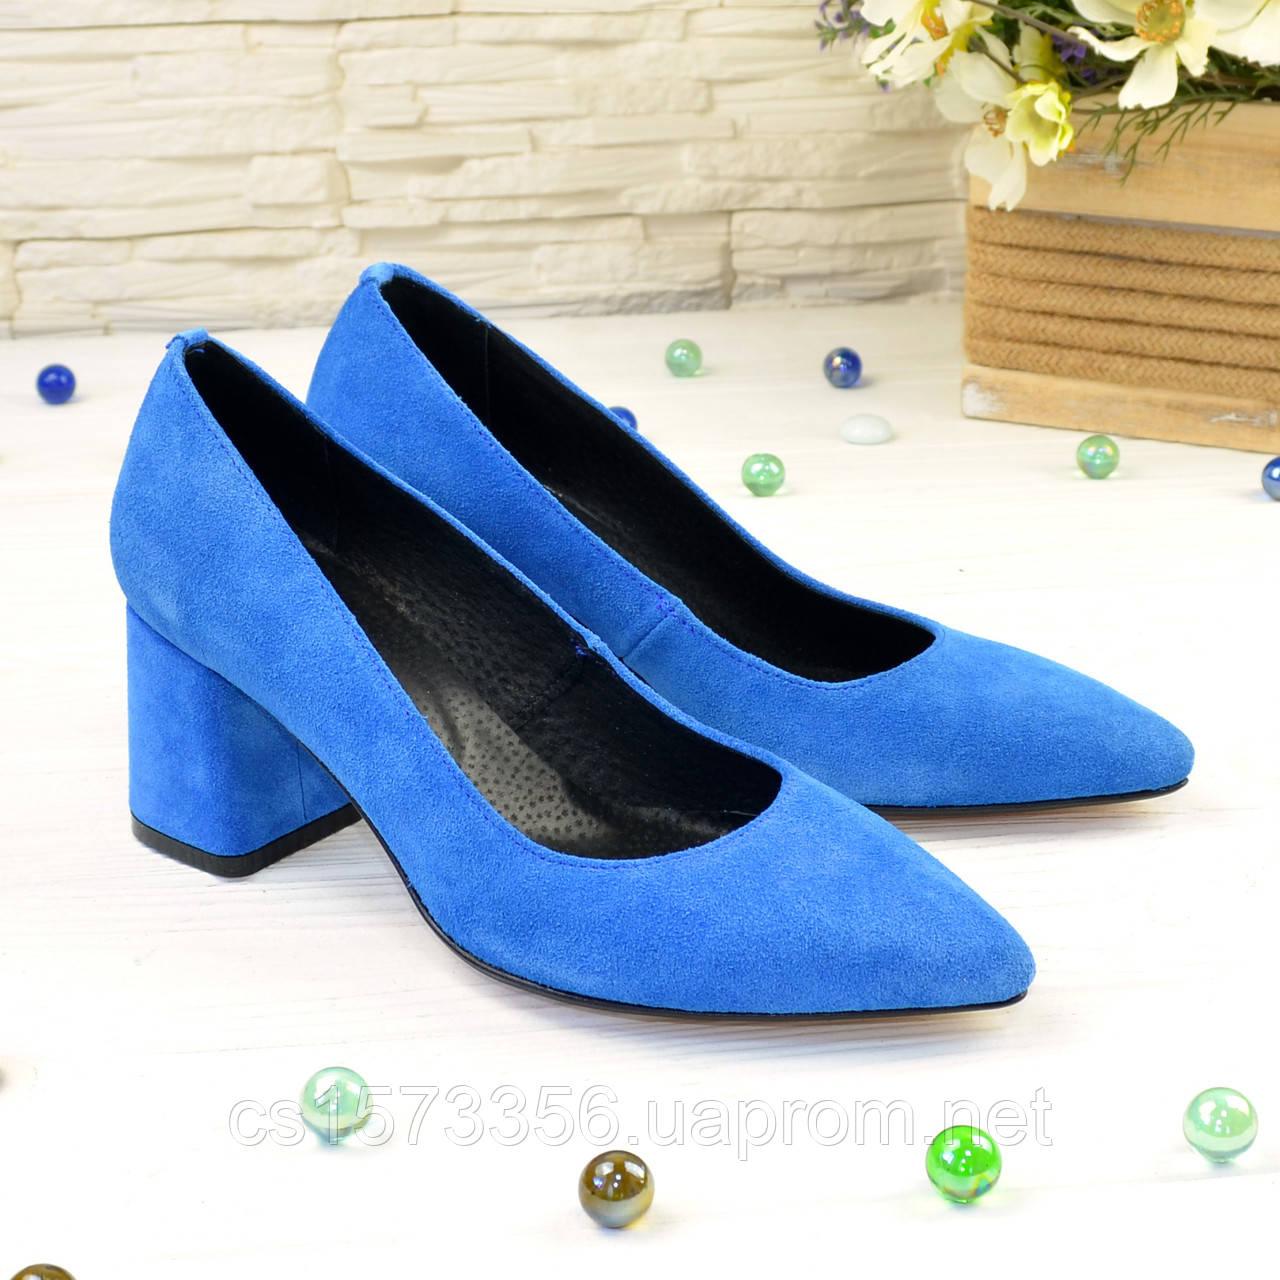 Туфли женские замшевые на устойчивом каблуке, цвет электрик